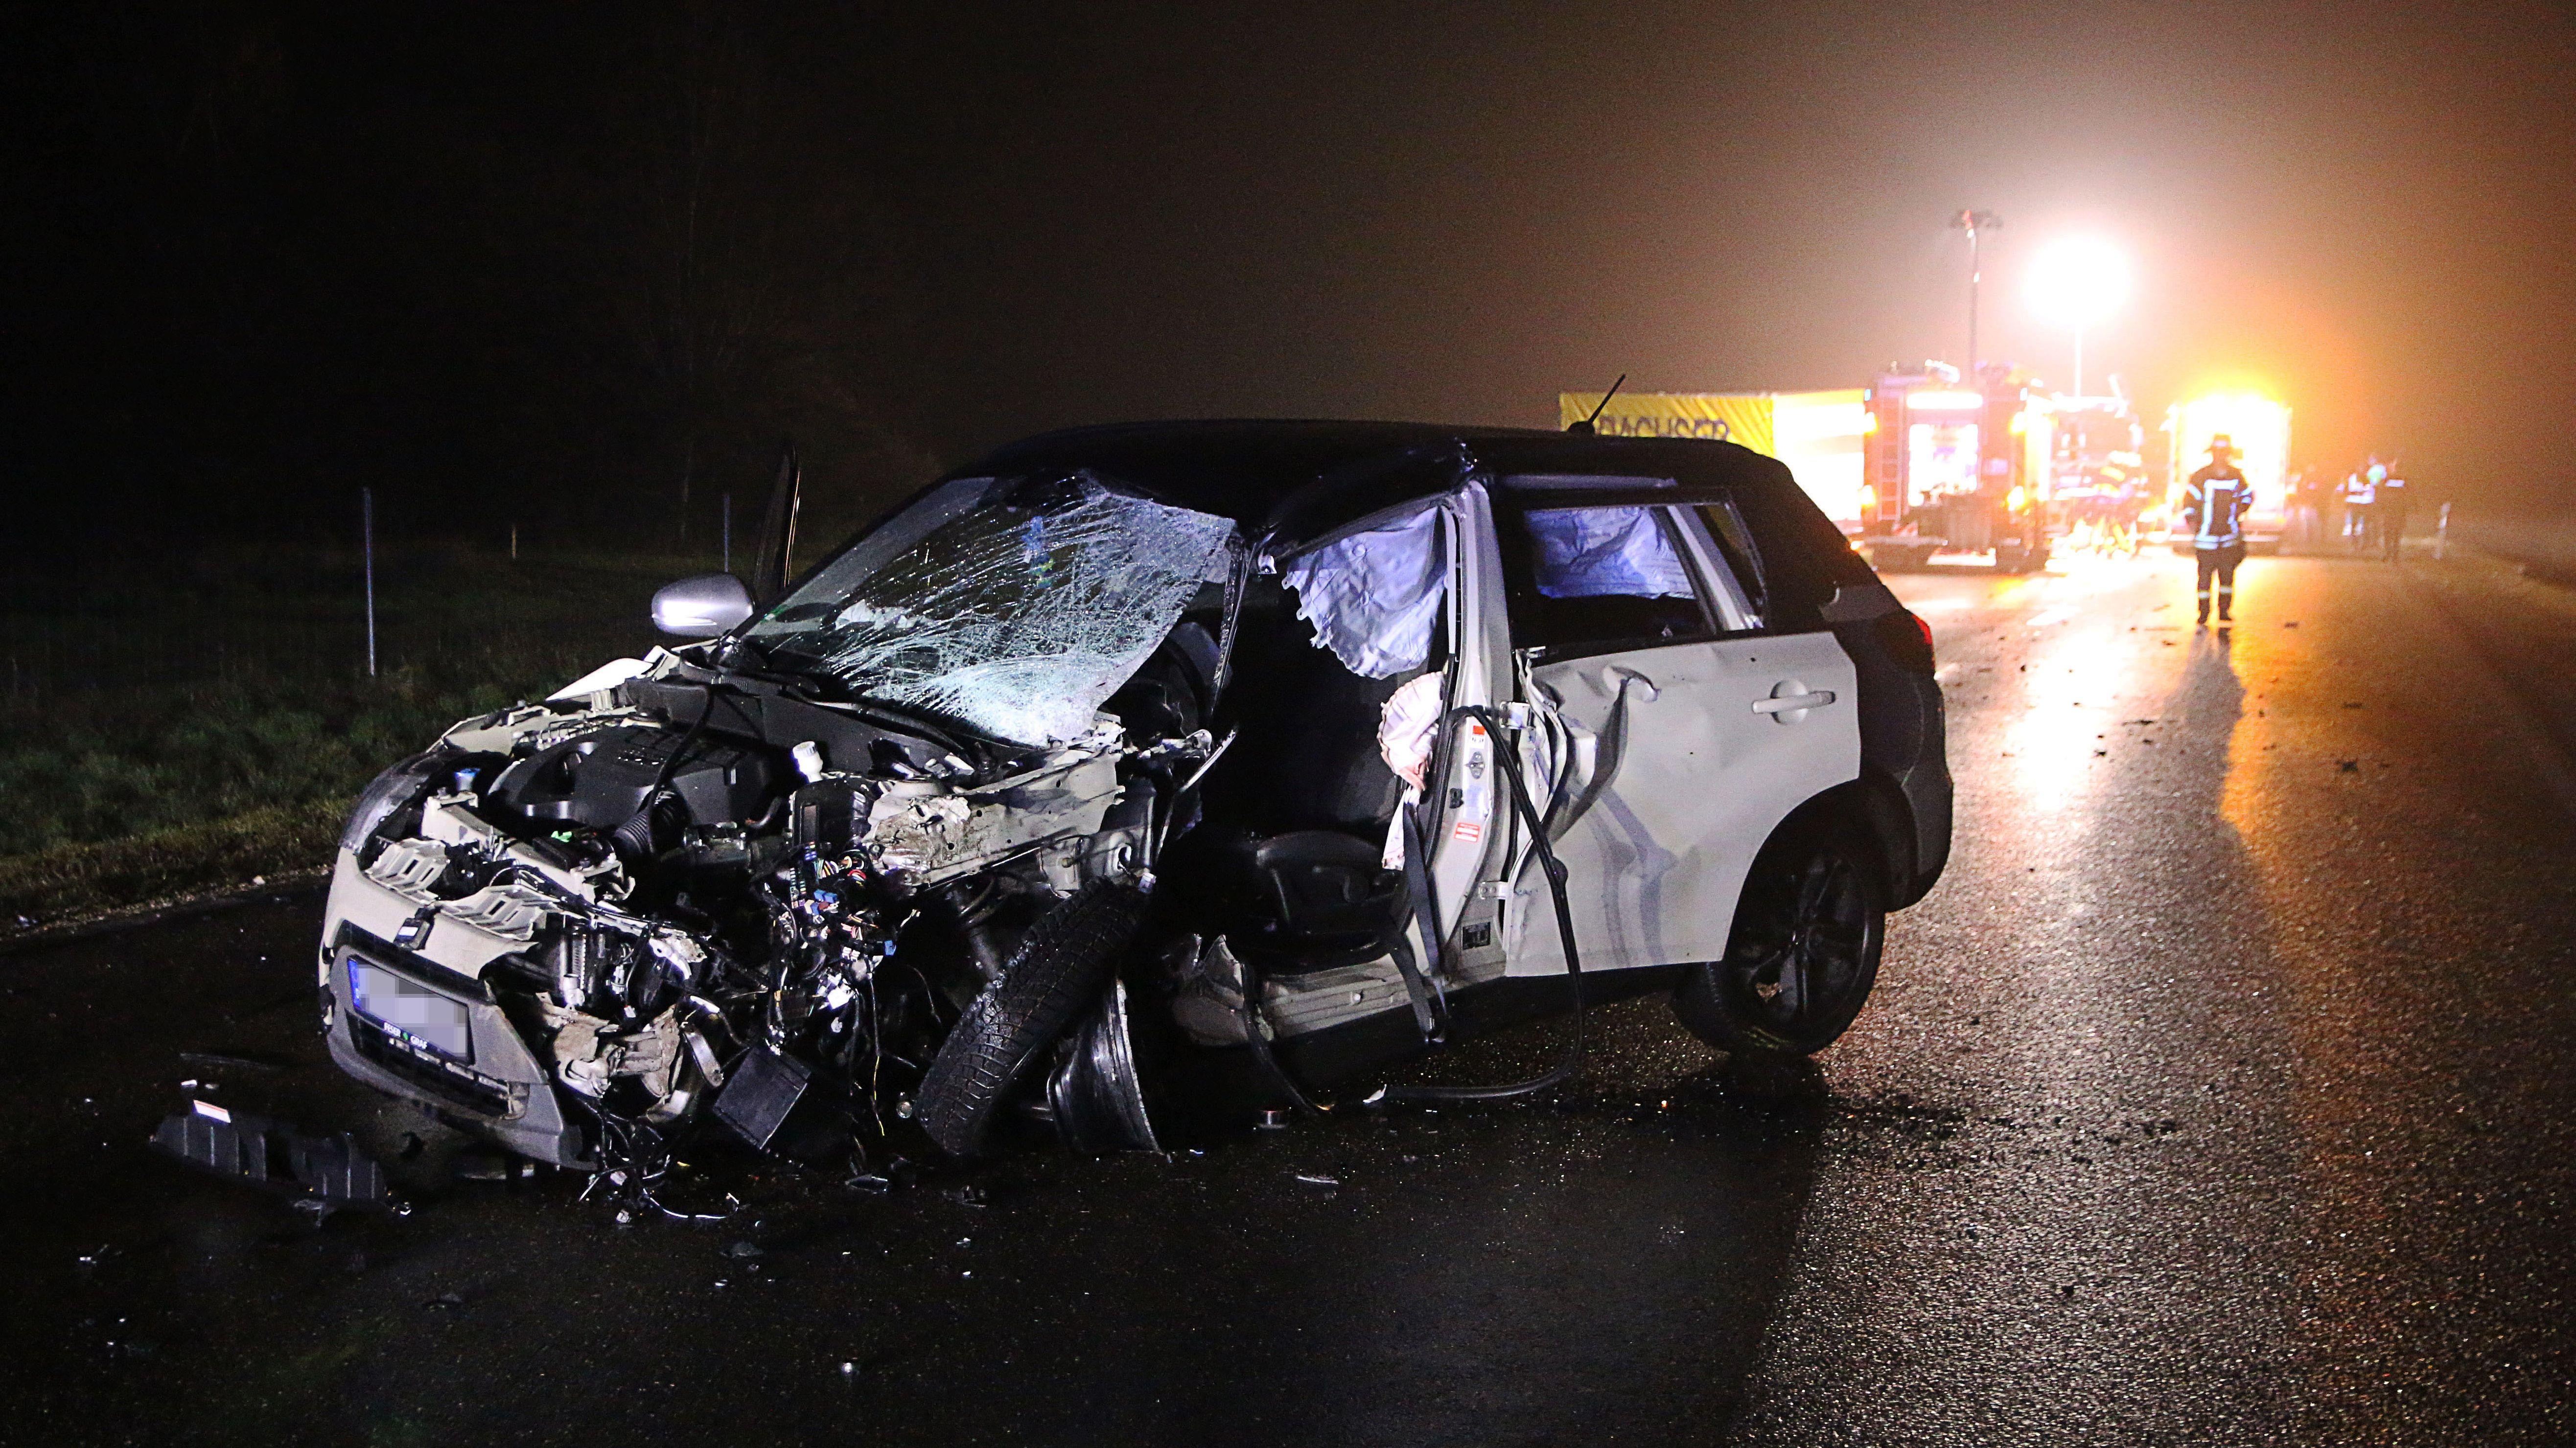 Eines der Unfallfahrzeuge im Vordergrund - im Hintergrund ein Lkw und Einsatzfahrzeuge und Kräfte der Feuerwehr